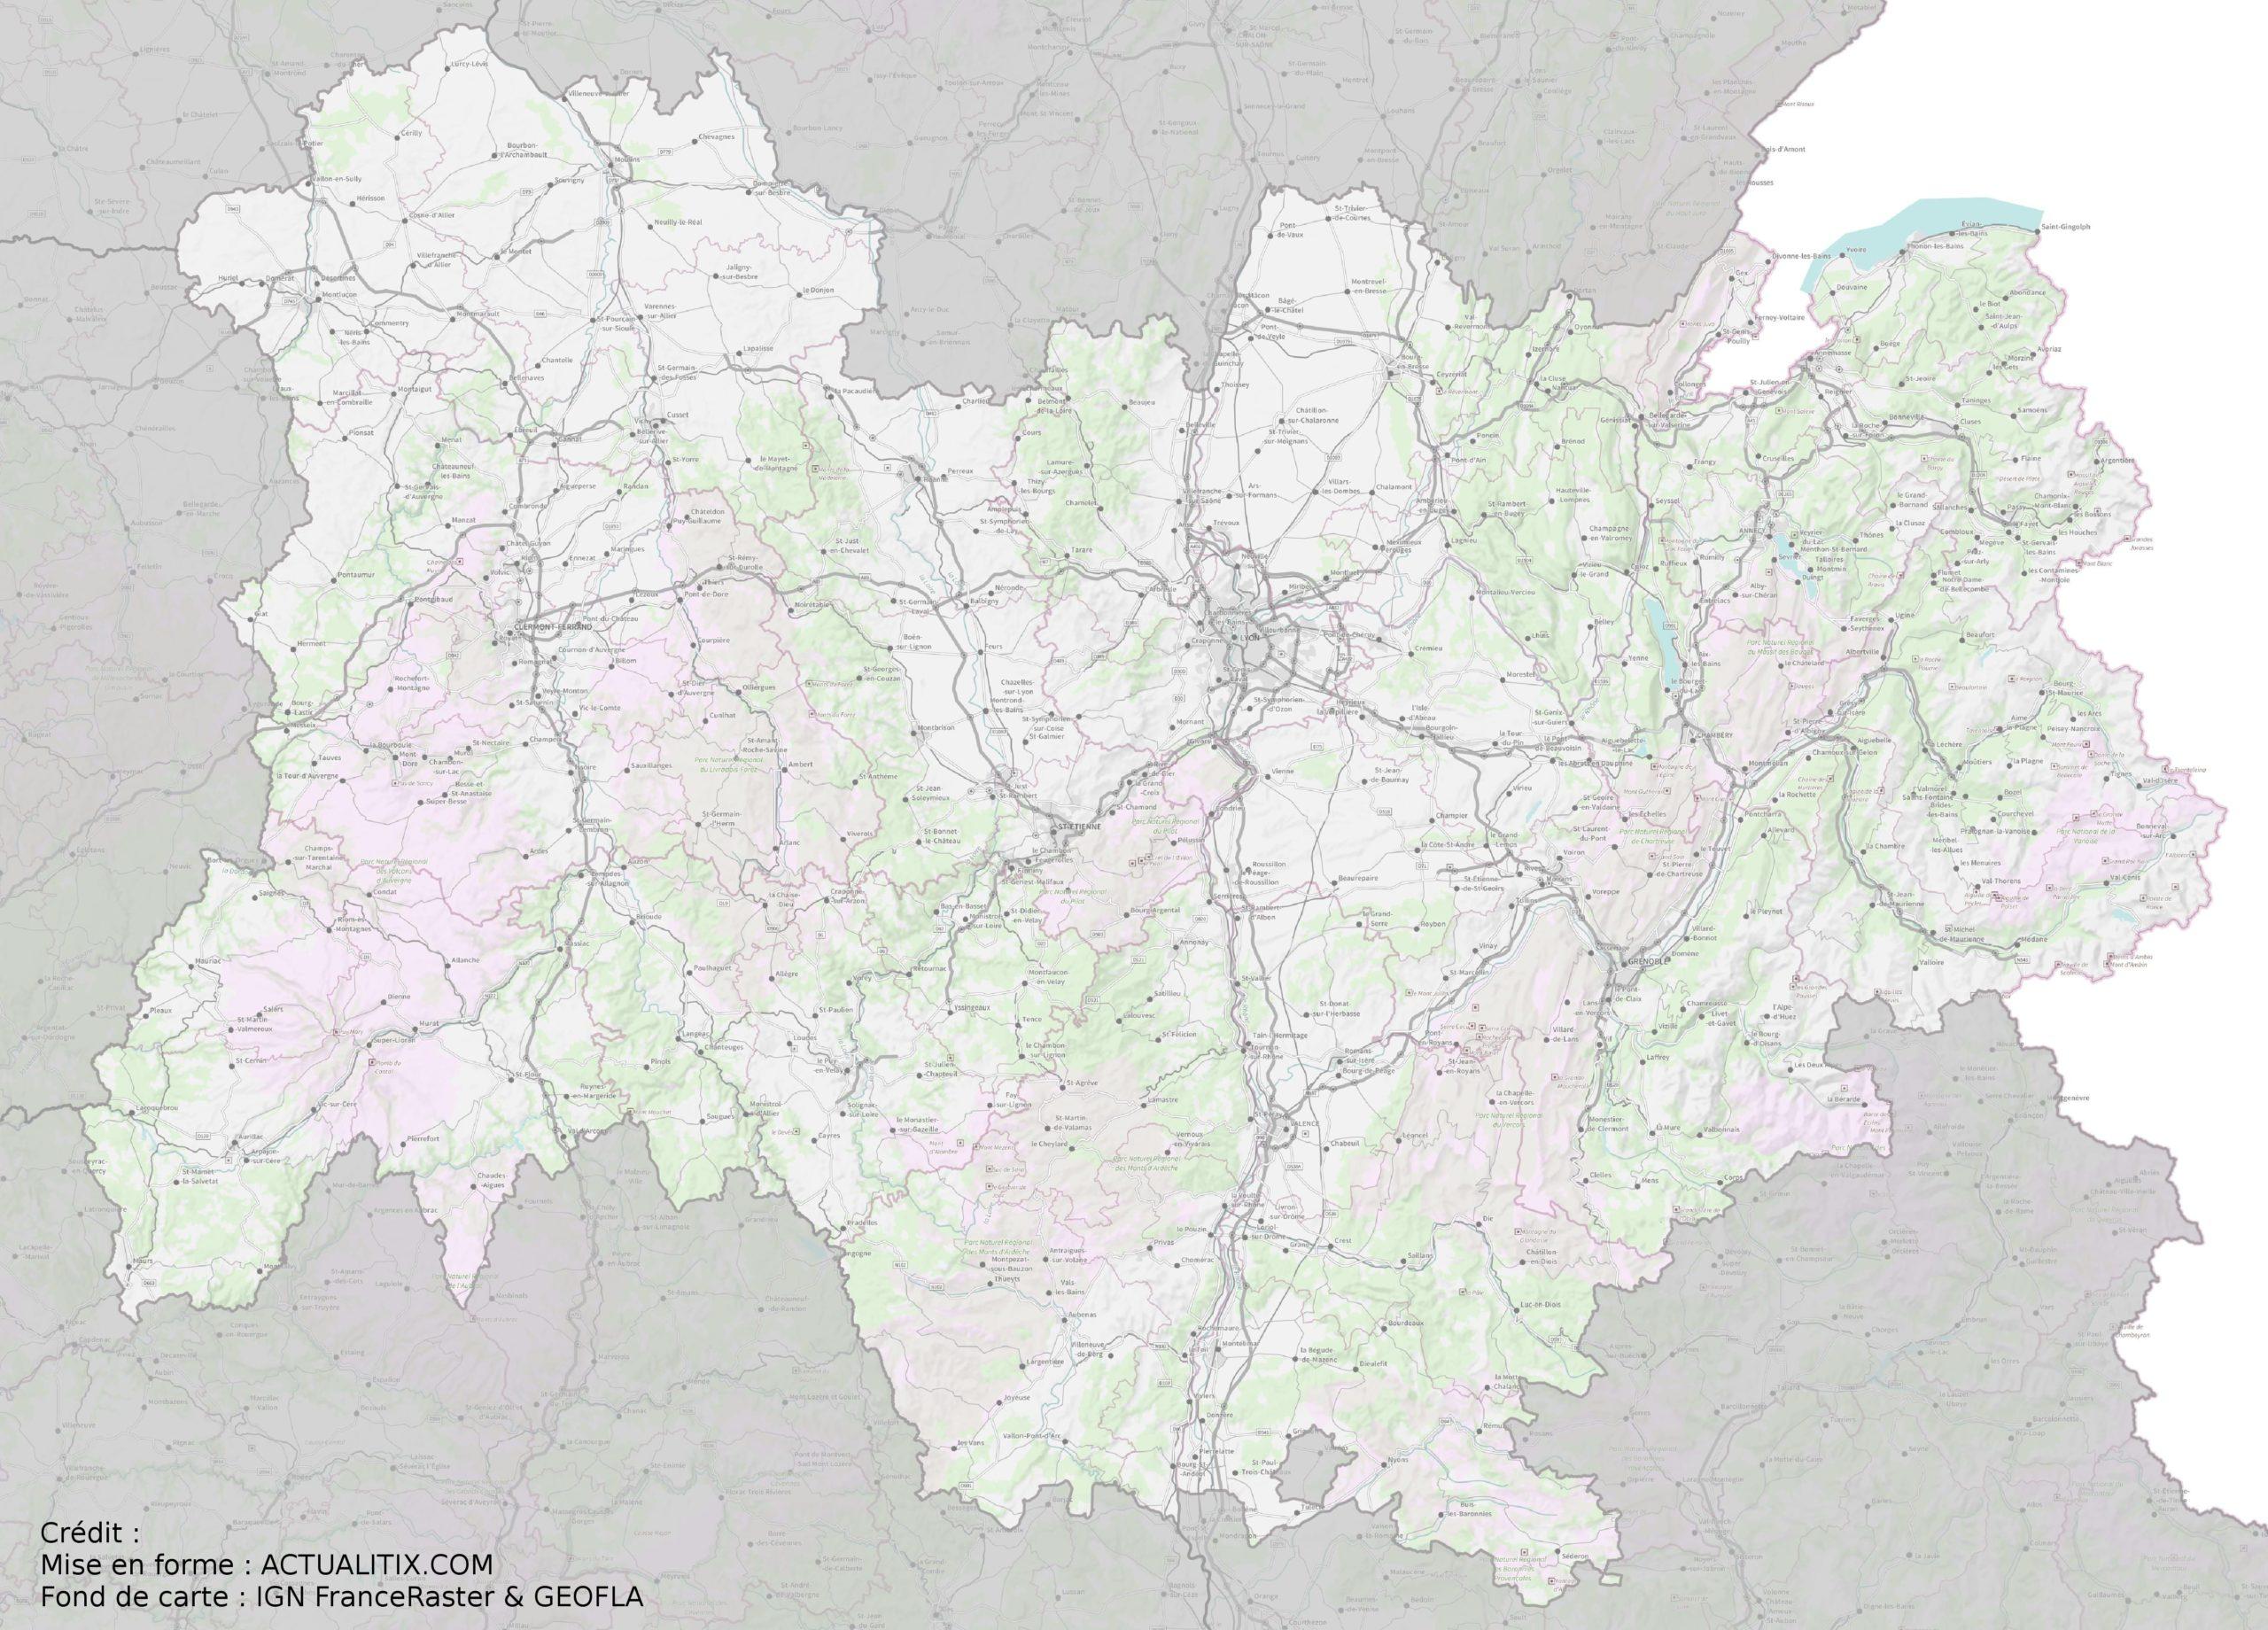 Carte De L Auvergne Rhone Alpes Auvergne Rhone Alpes Cartes De La Region